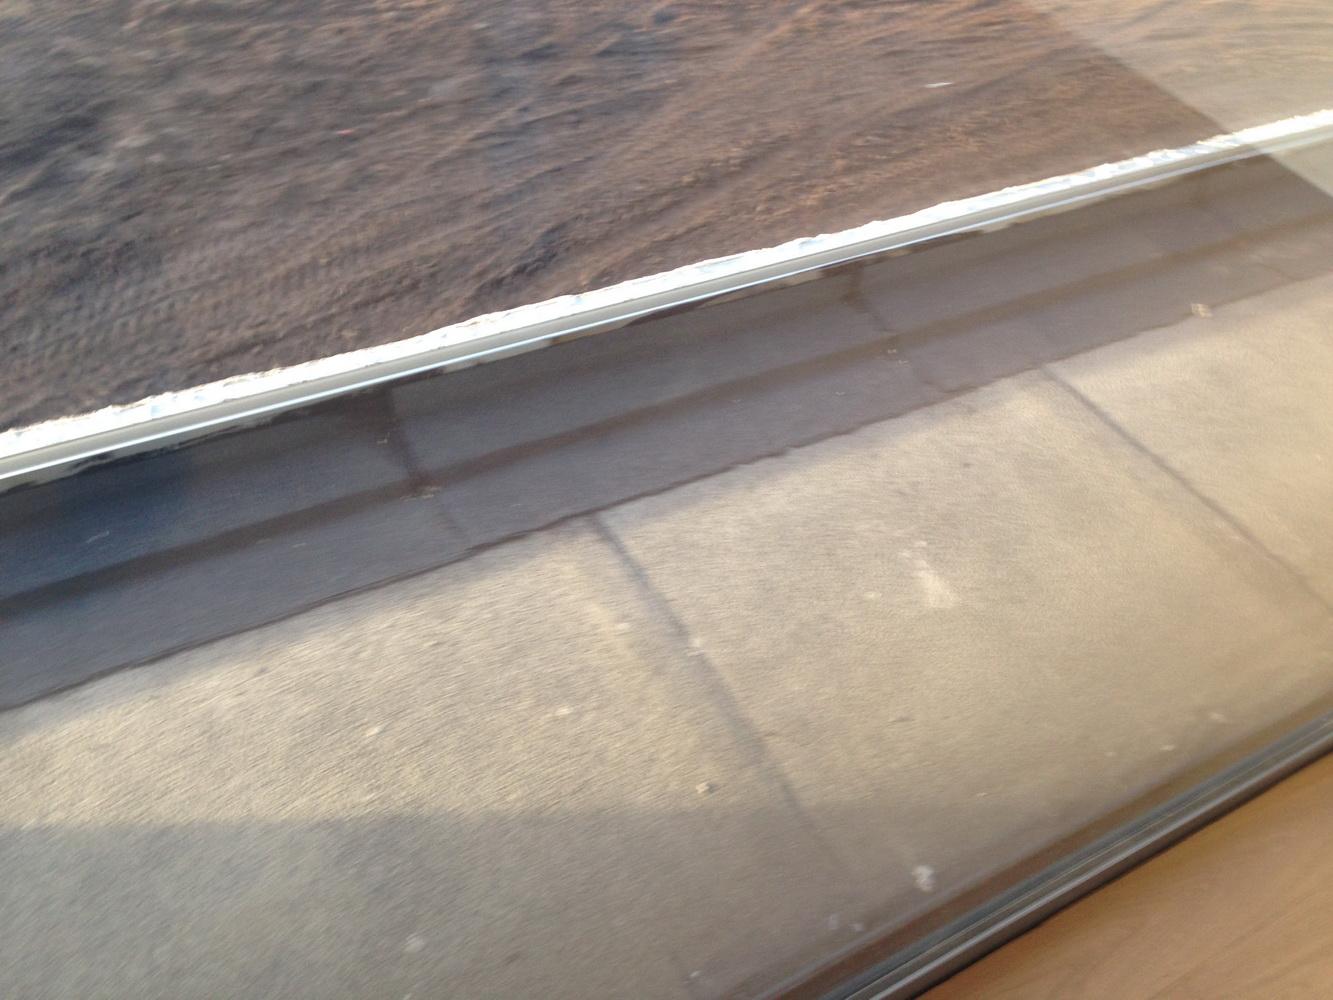 Une 2° couche de roofing recouvre la cornière.